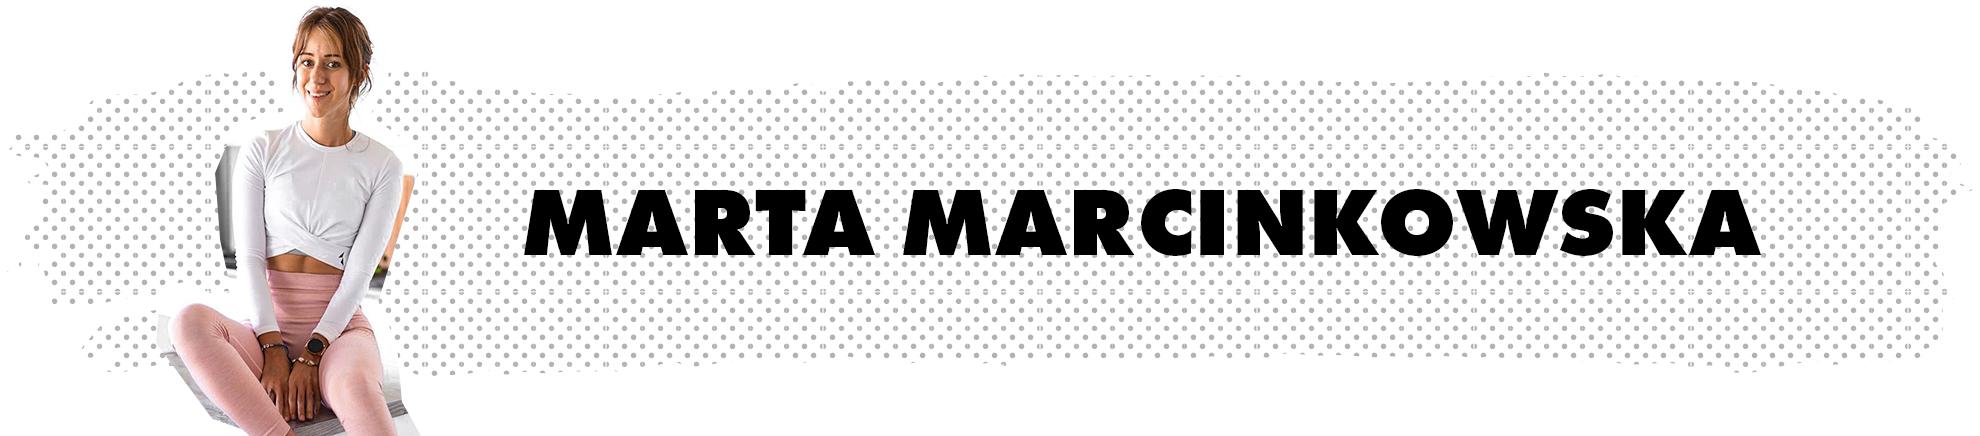 Marsiia - Carpatree brand ambassador